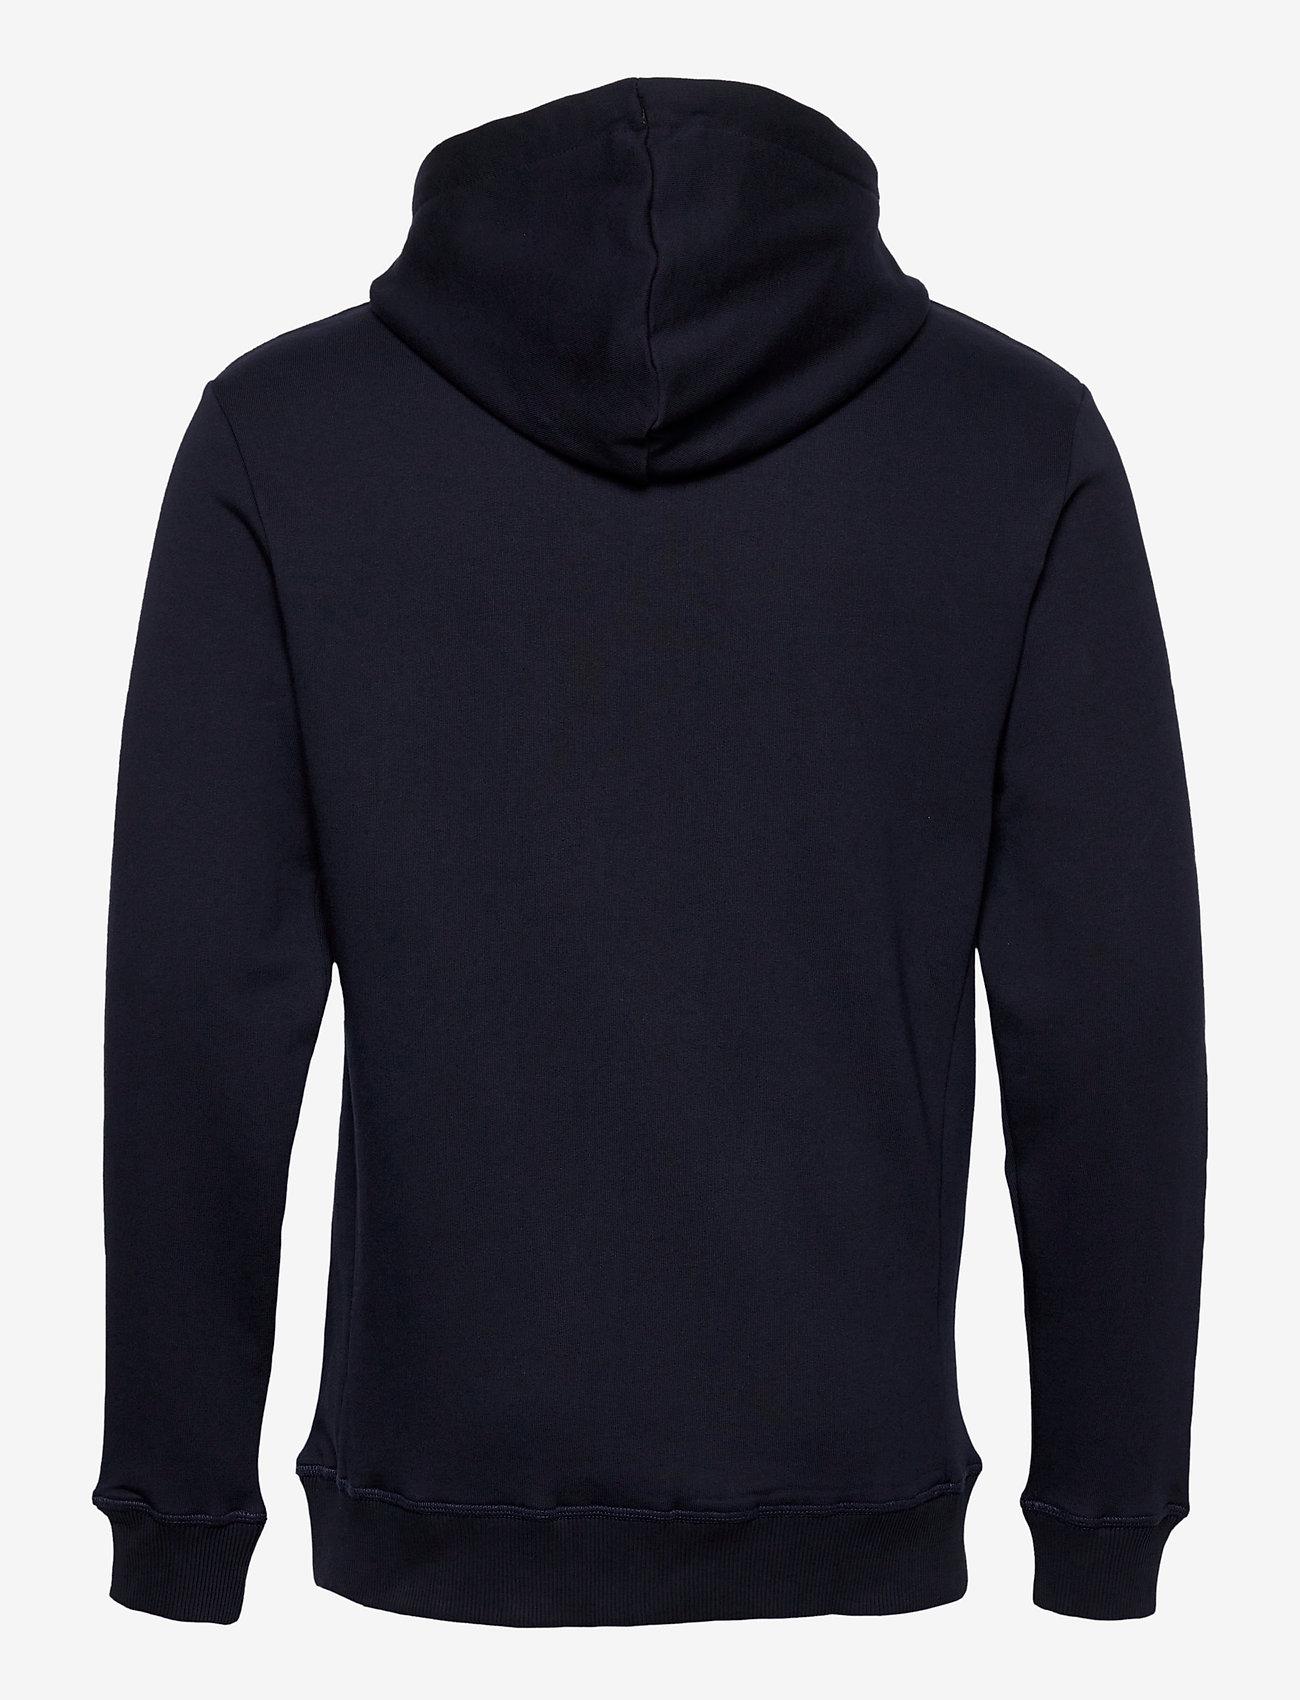 Les Deux Boozt Piece Hoodie - Sweatshirts DARK NAVY/WHITE-NAVY - Menn Klær